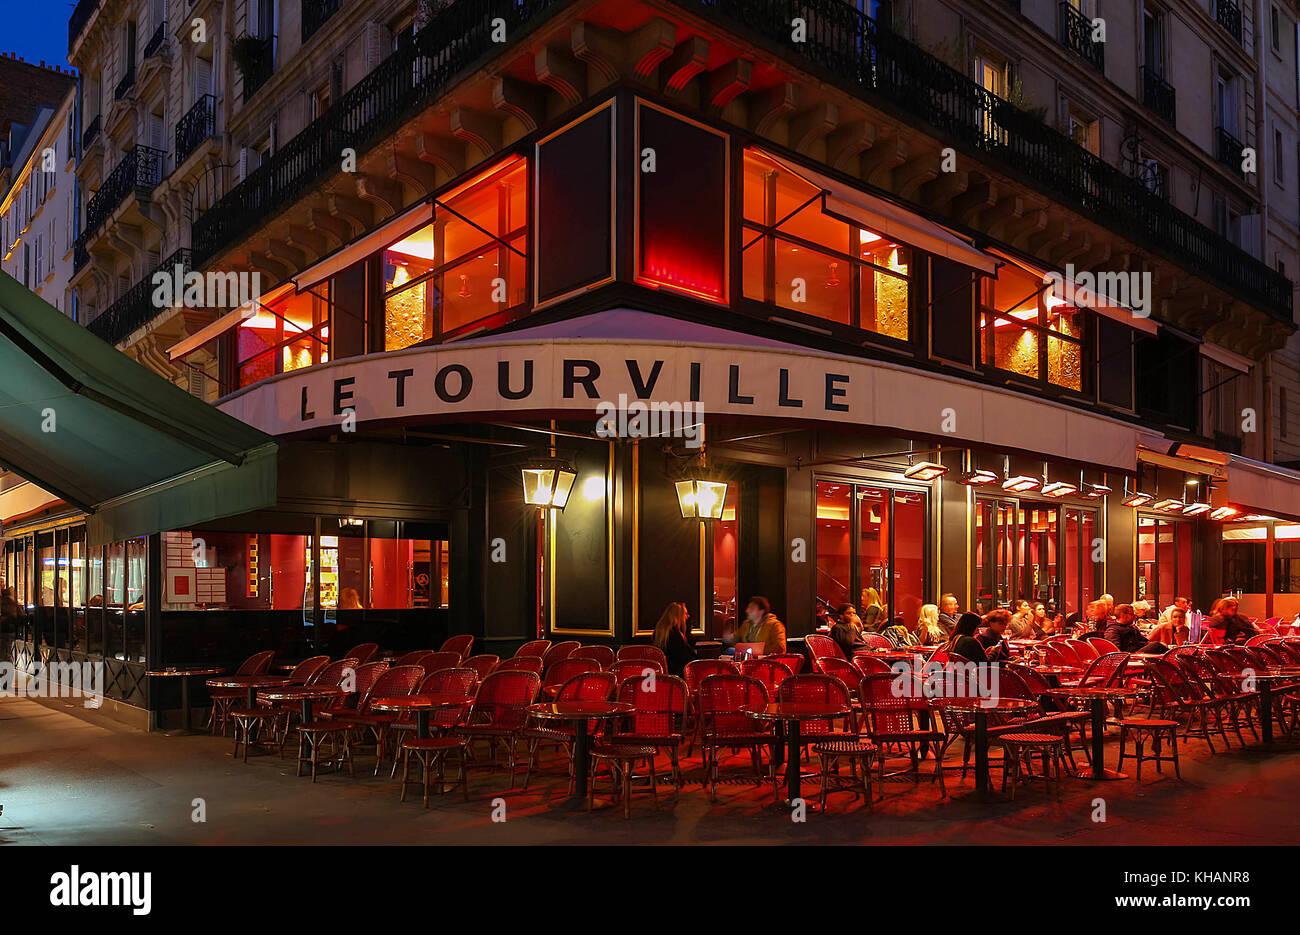 paris cafe eiffel tower stock photos paris cafe eiffel tower stock images alamy. Black Bedroom Furniture Sets. Home Design Ideas